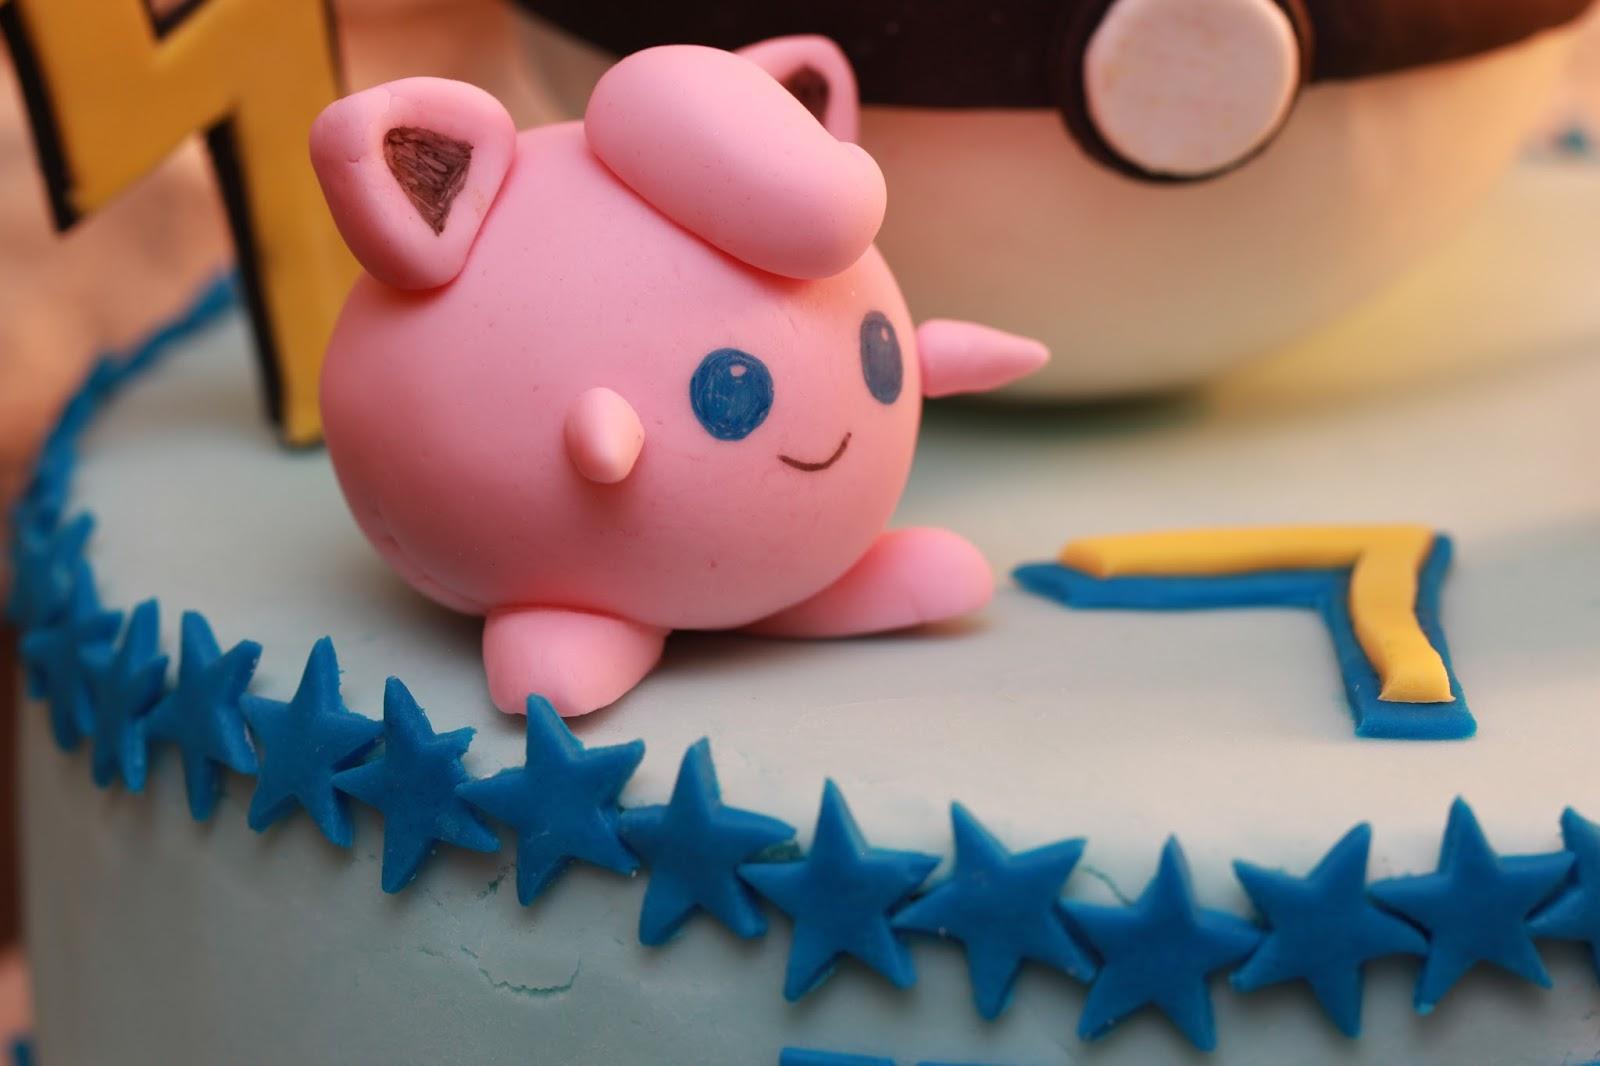 Très Recette Land : Recette de Mon gâteau pokemon sur L'Accroc au sucre  DS01